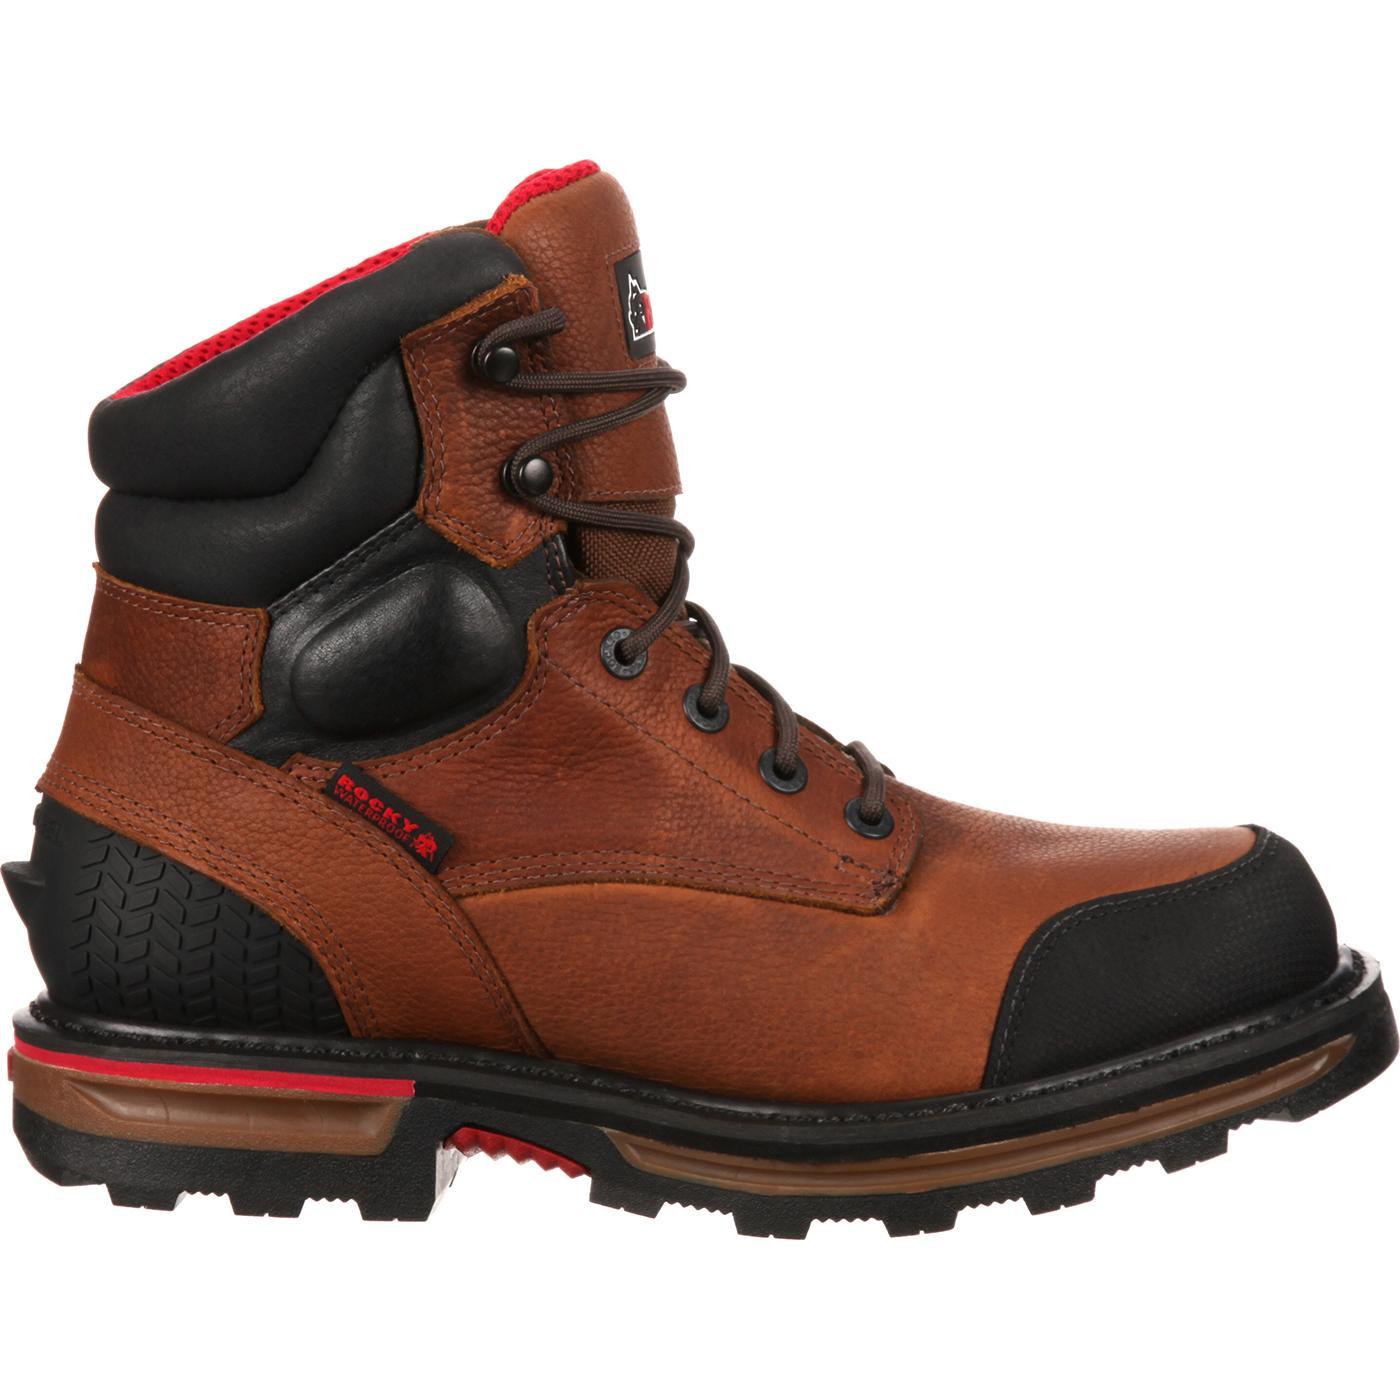 rocky elements dirt steel toe waterproof work boot rkyk074